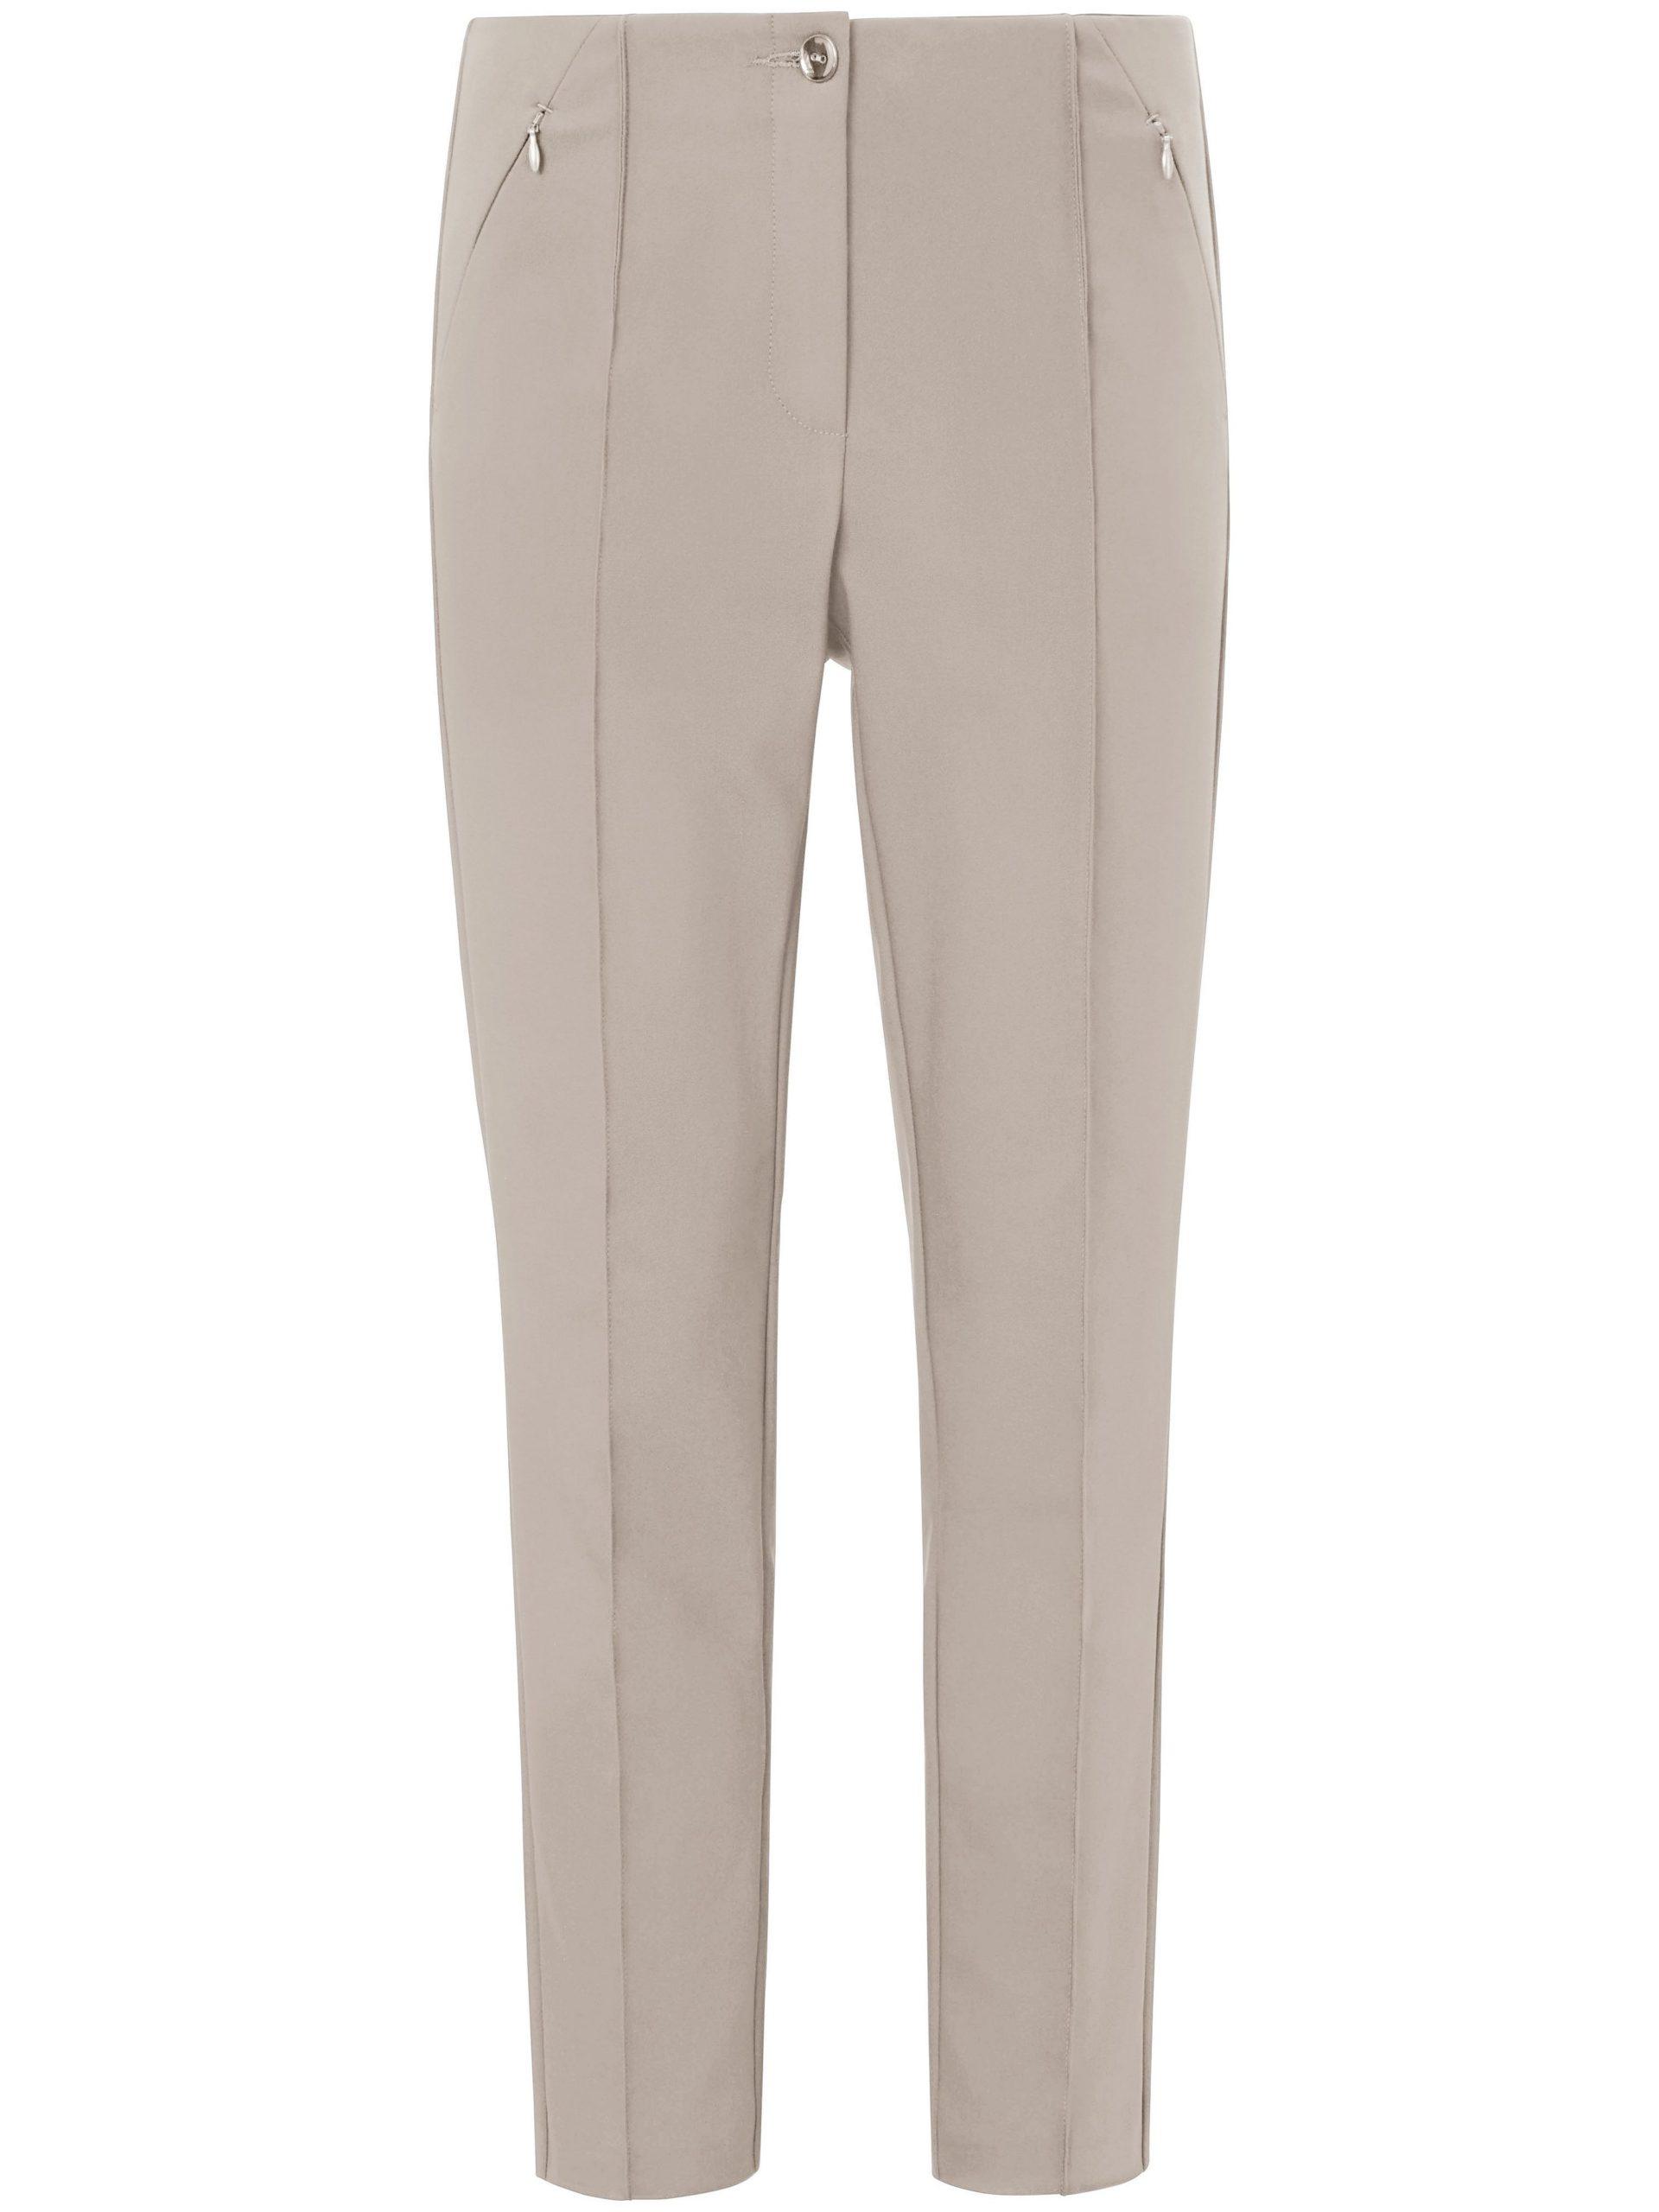 Enkellange broek in smal model Van Fadenmeister Berlin grijs Kopen